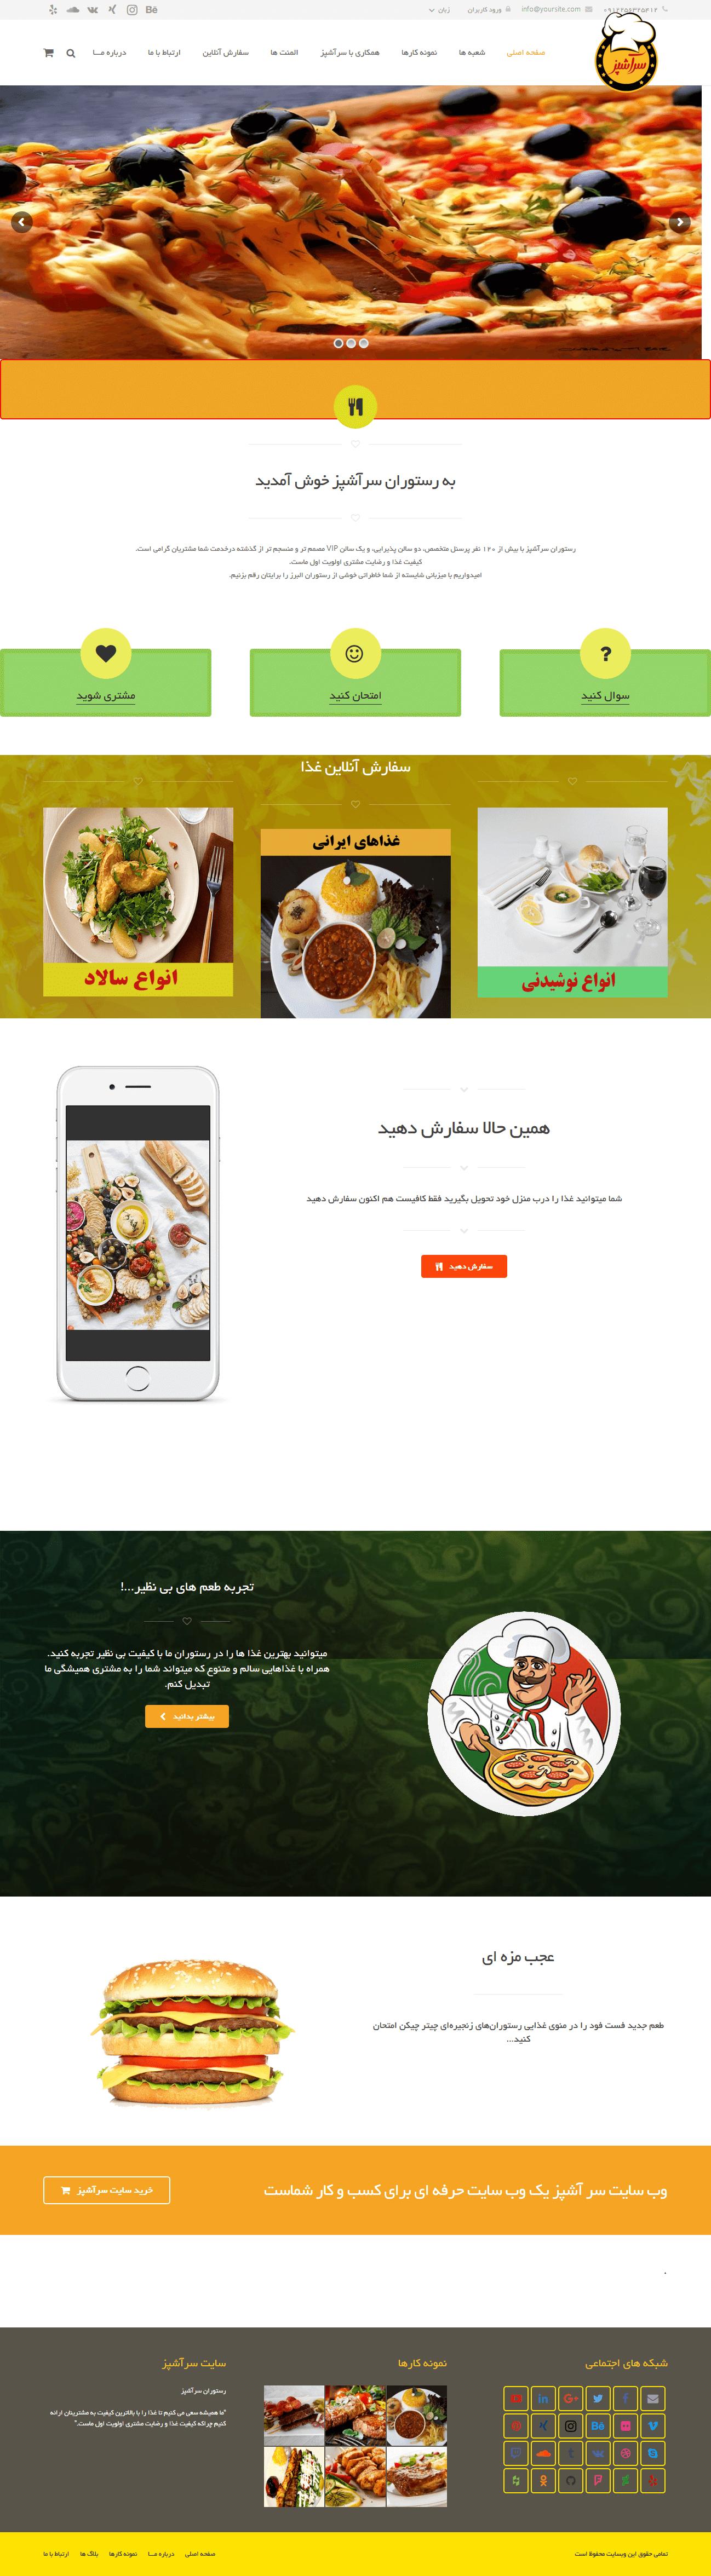 حالت دسکتاپ سایت آشپزی سرآشپز